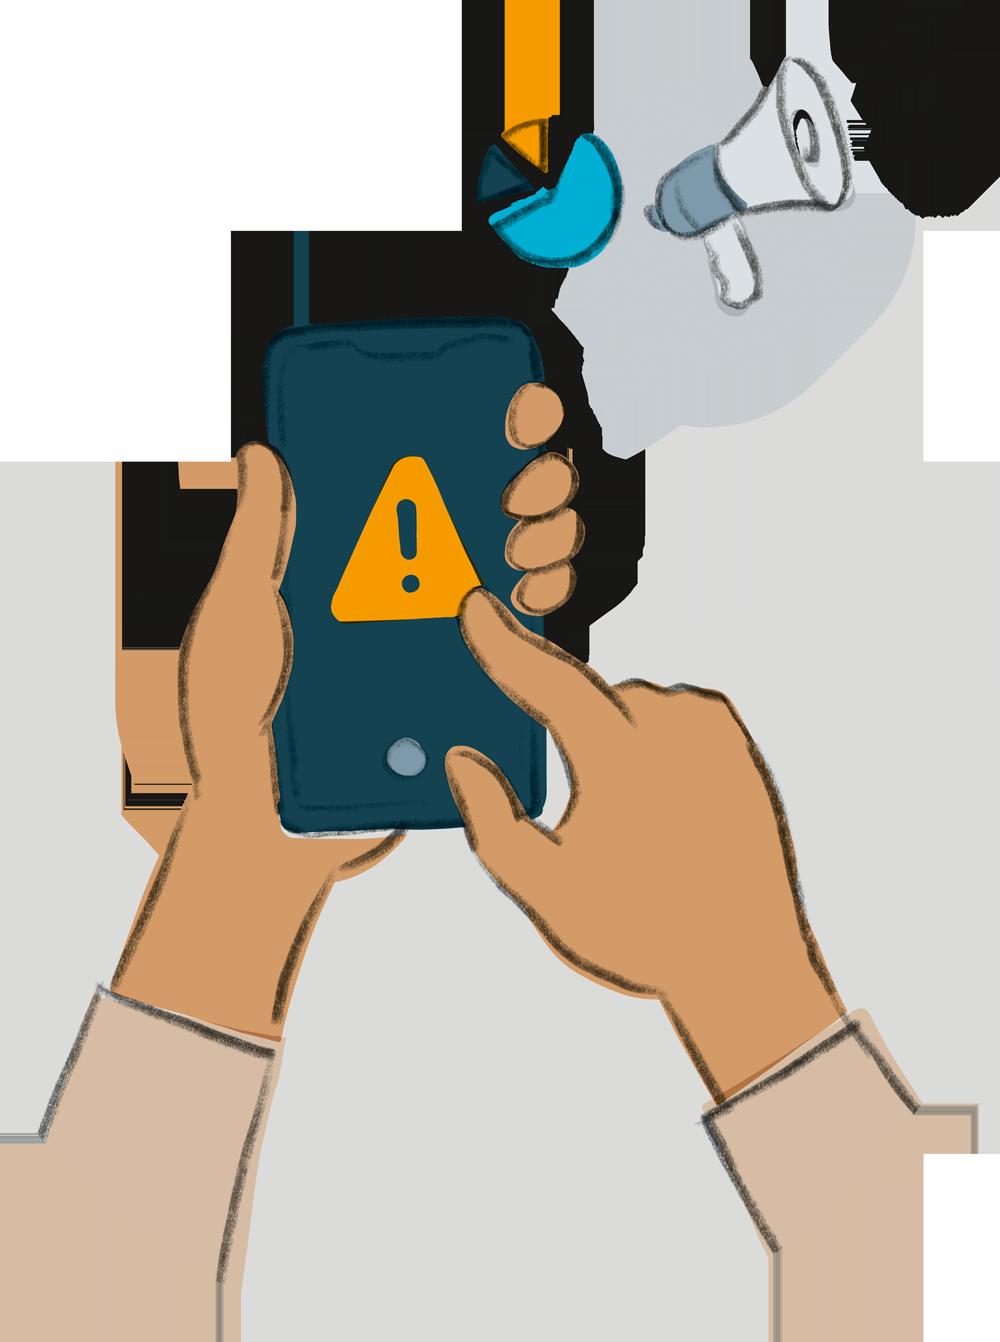 Illustration zum Thema rechte Gewalt melden: zwei Handy halten ein Handy, auf dem ein gelbes Dreieck mit einem schwarzen Ausrufezeichen abgebildet ist. Im Hintergrund ist ein Megafon zu sehen, das auf einer grauen Sprechblase abgebildet ist. Daneben ist ein Kuchendiagramm abgebildet.